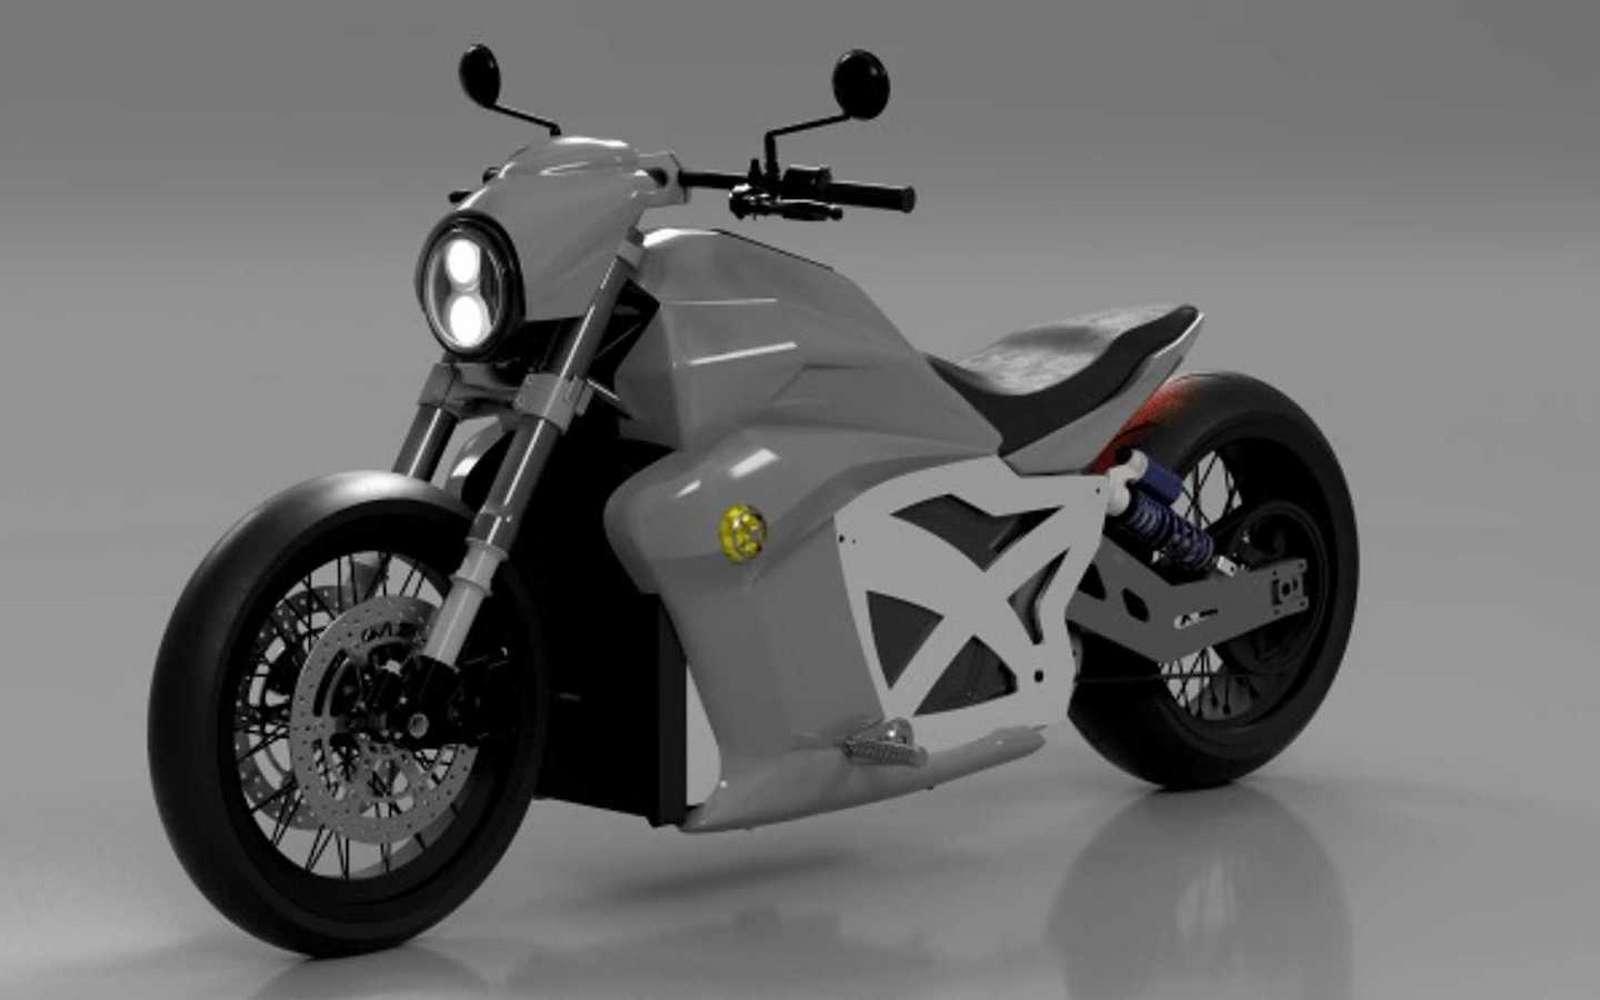 Le fabricant Evoke a peut-être enfin réussi à trouver la bonne formule pour permettre de recharger rapidement une moto électrique. © Evoke